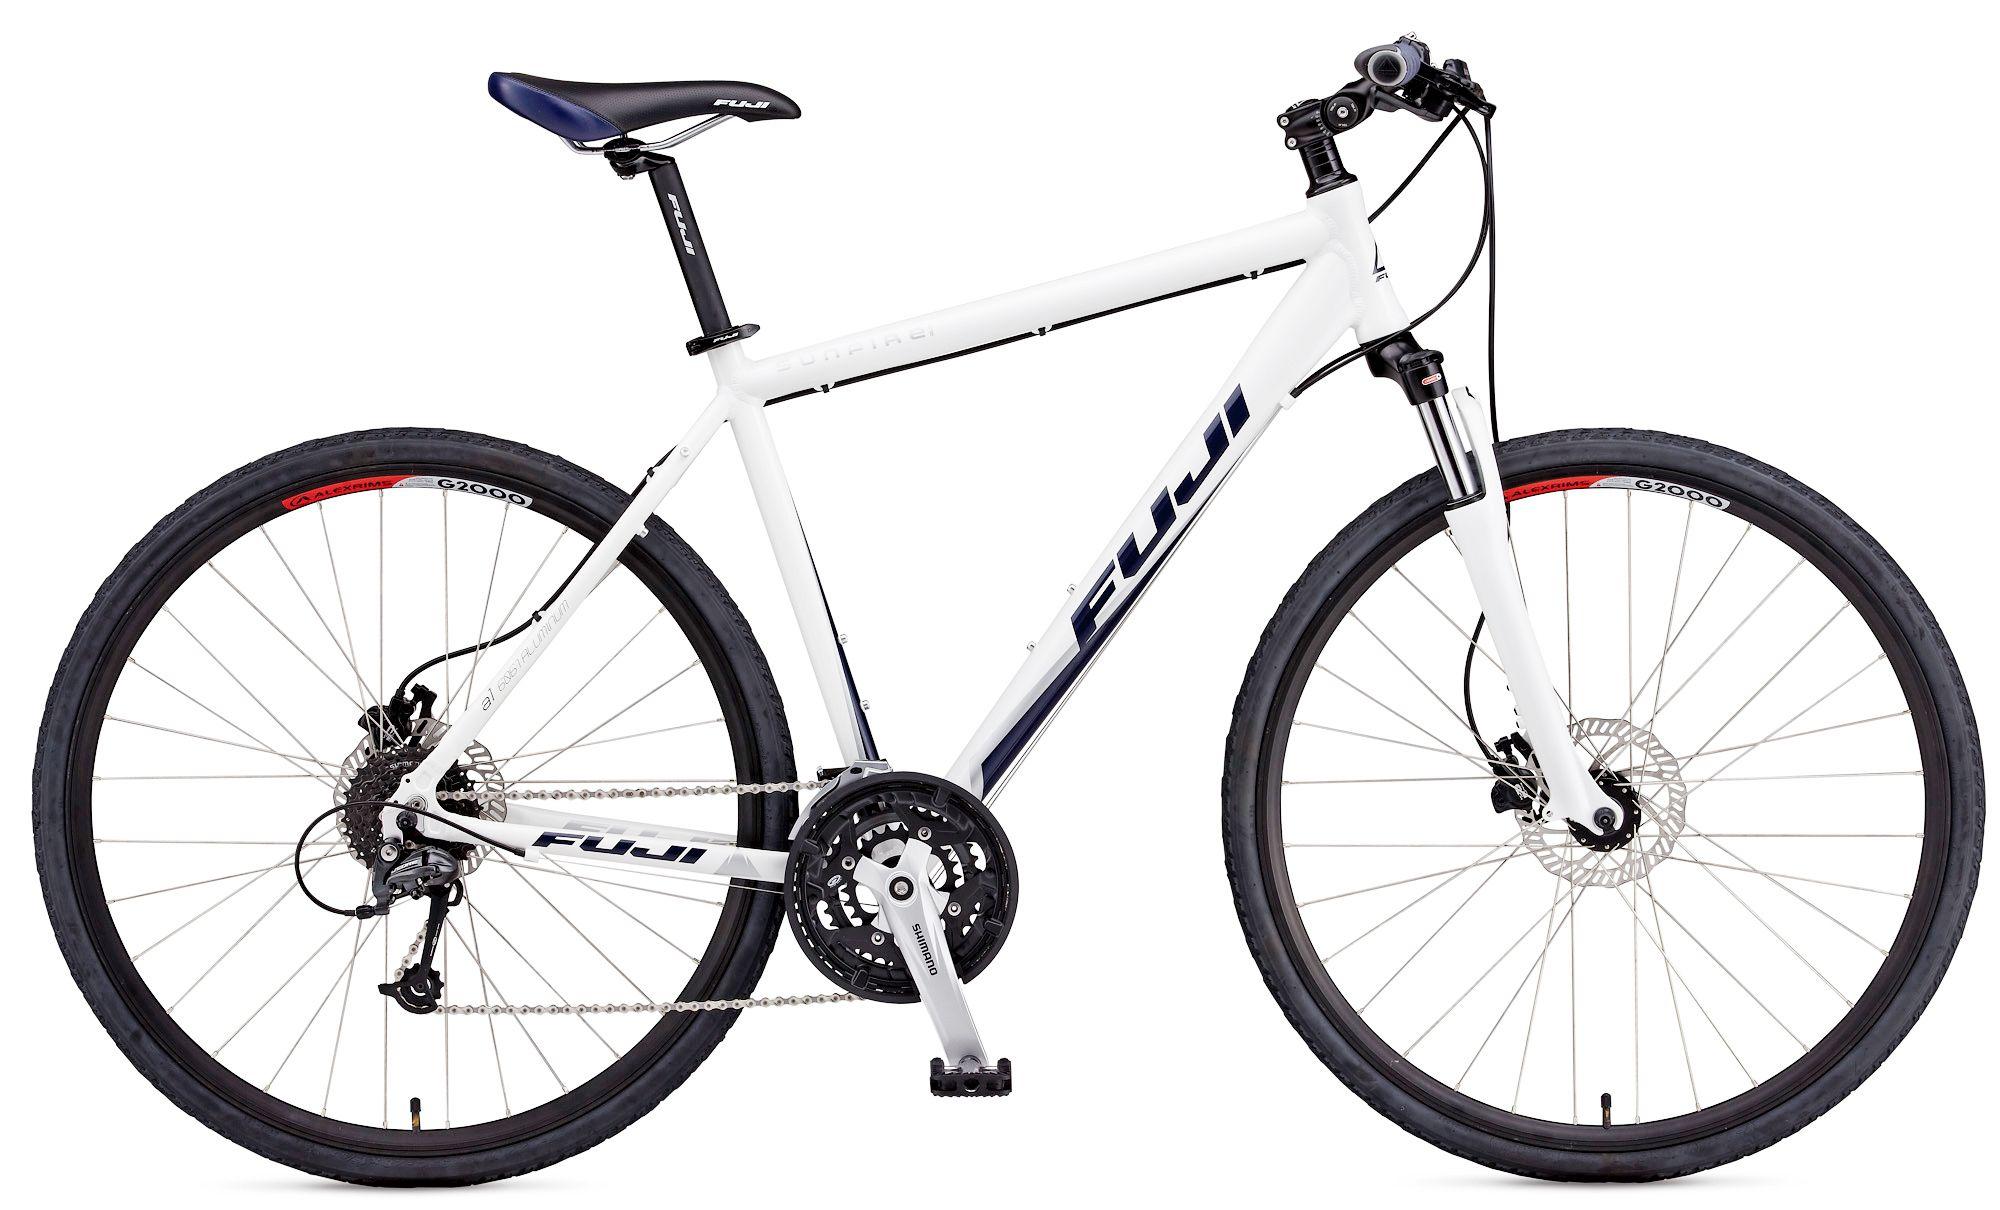 Fuji Sunfire 2 Jpg 2000 1210 With Images Hybrid Bike